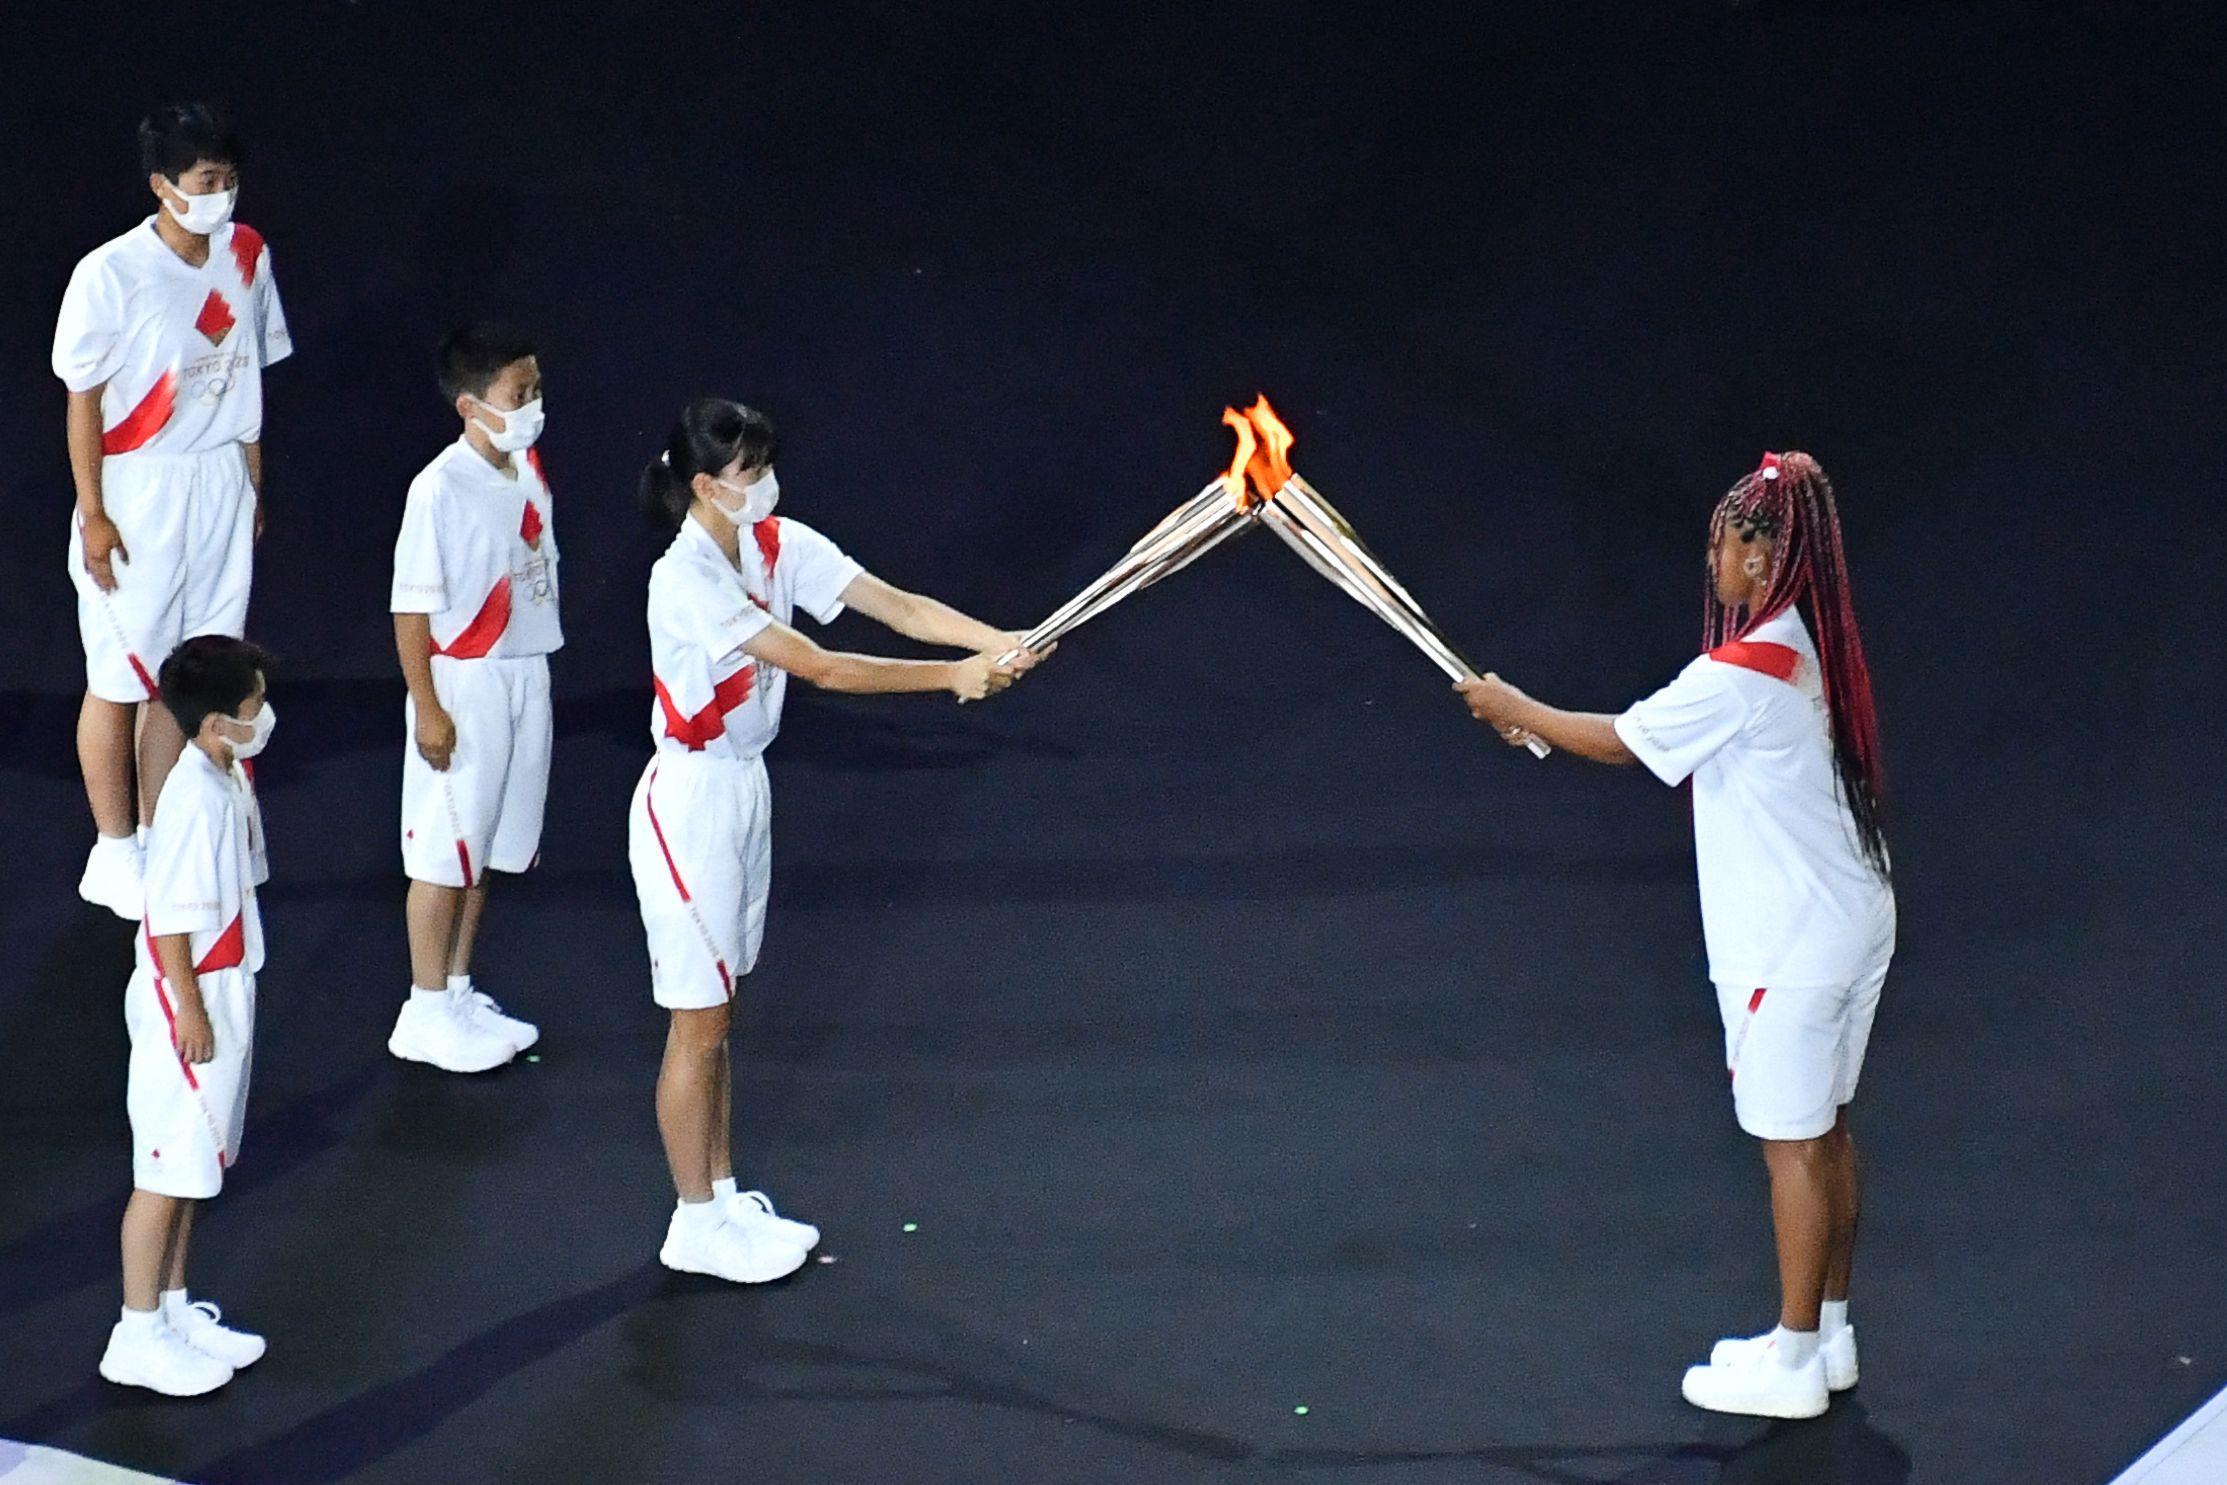 当地时间2021年7月23日,日本东京,2020东京奥运会开幕式。第五棒火炬手由六名日本小朋友组成。